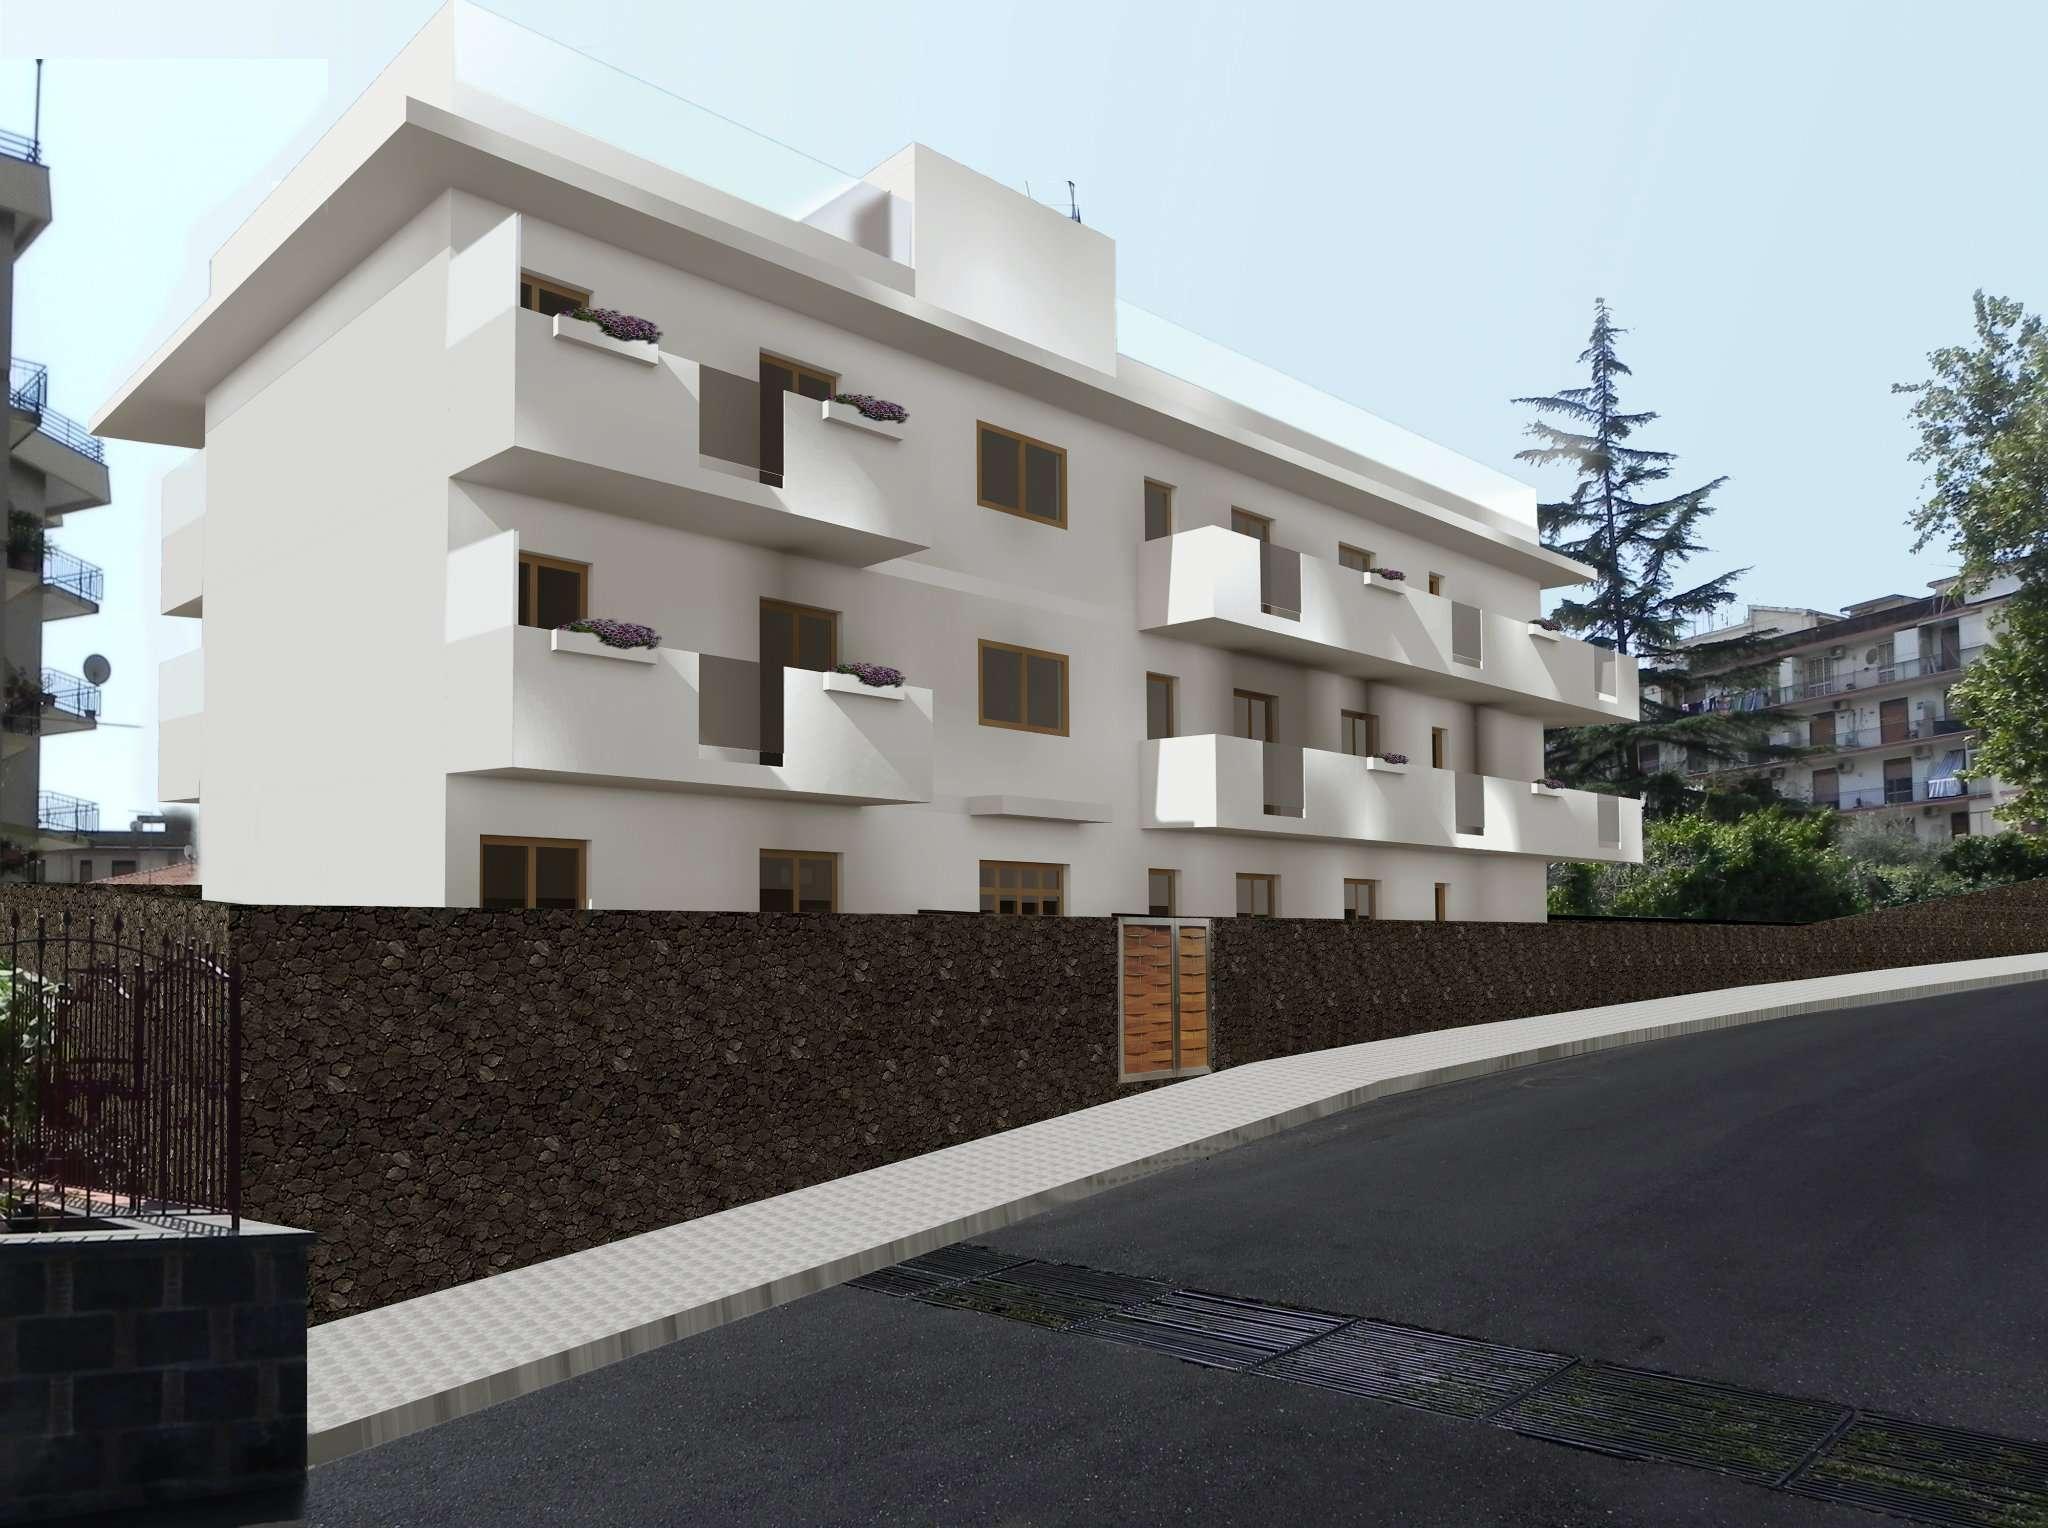 Appartamento in vendita a Gravina di Catania, 4 locali, prezzo € 170.000 | CambioCasa.it